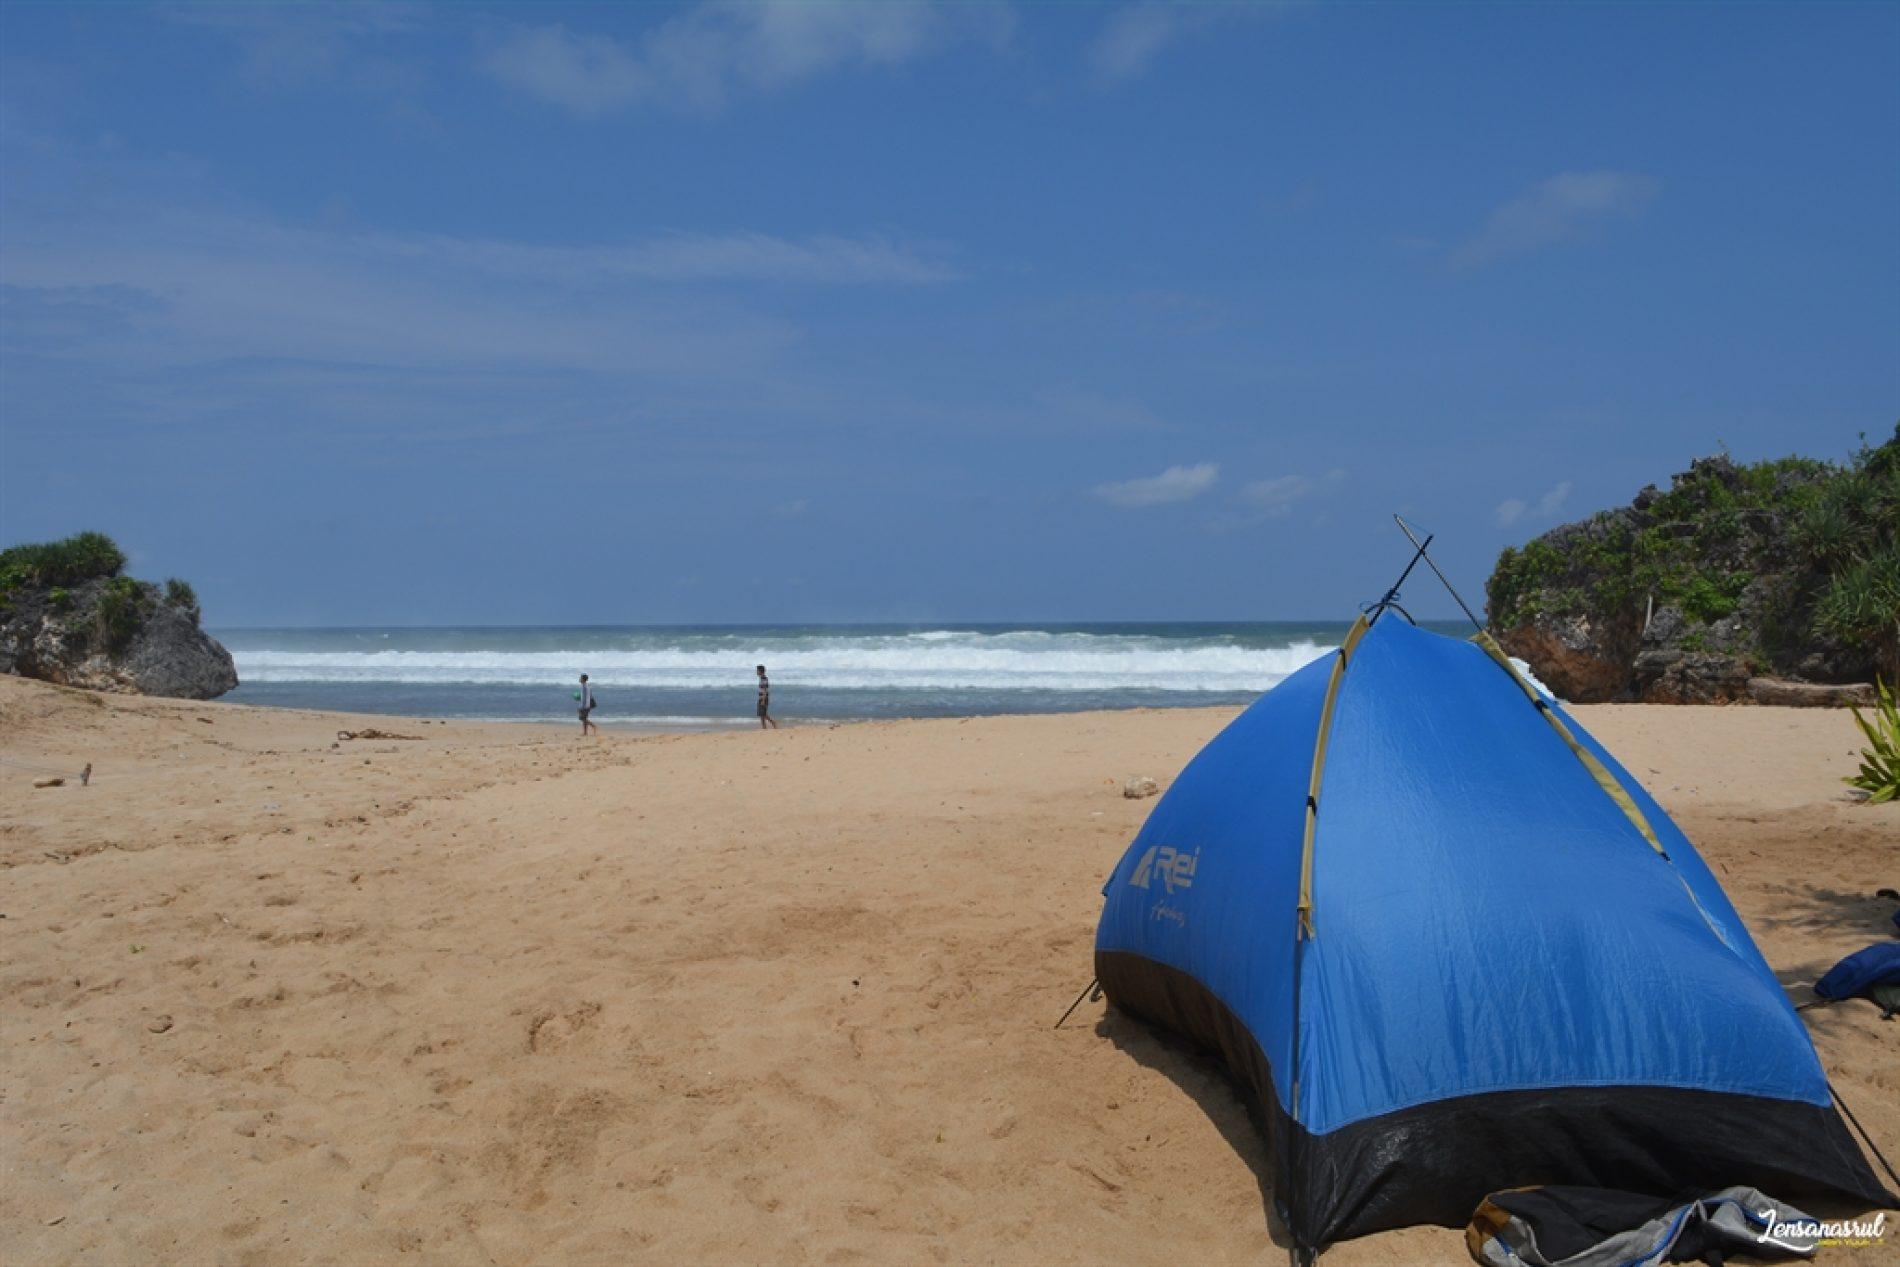 Daftar Peralatan dan Perlengkapan Camping, Pemula Wajib Baca